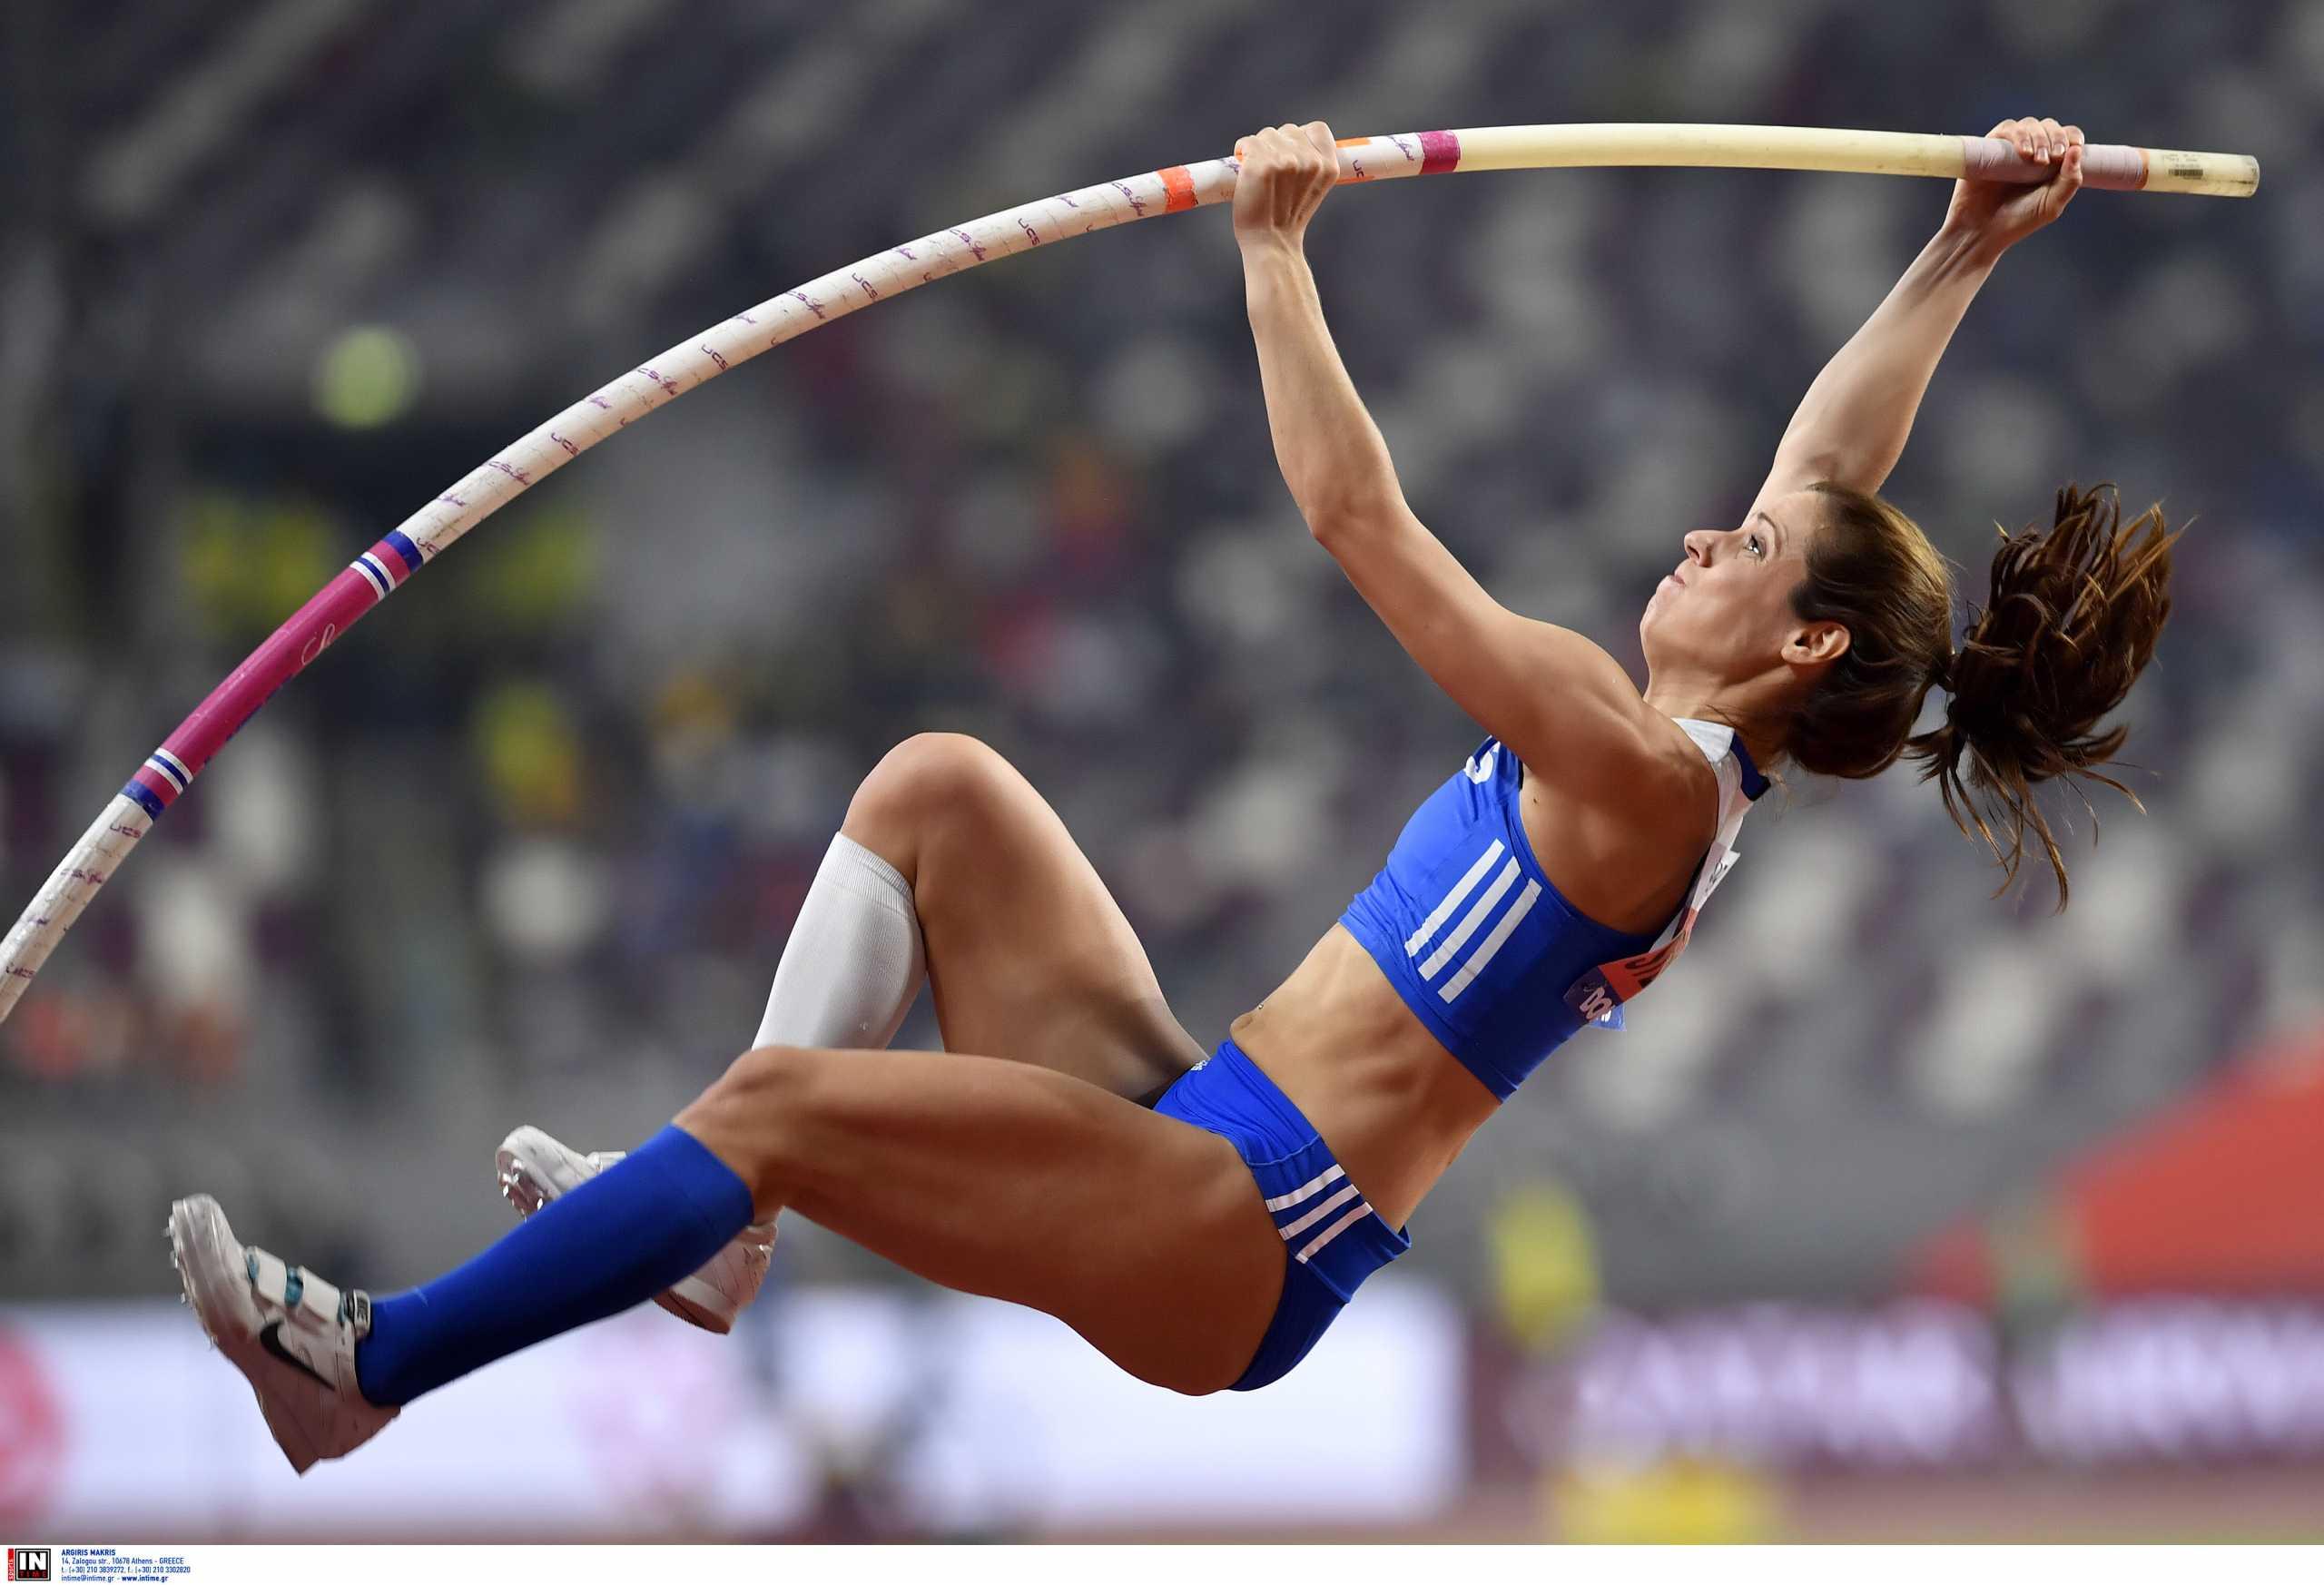 Ολυμπιακοί Αγώνες: Με Στεφανίδη οι ελληνικές συμμετοχές της Πέμπτης 5 Αυγούστου